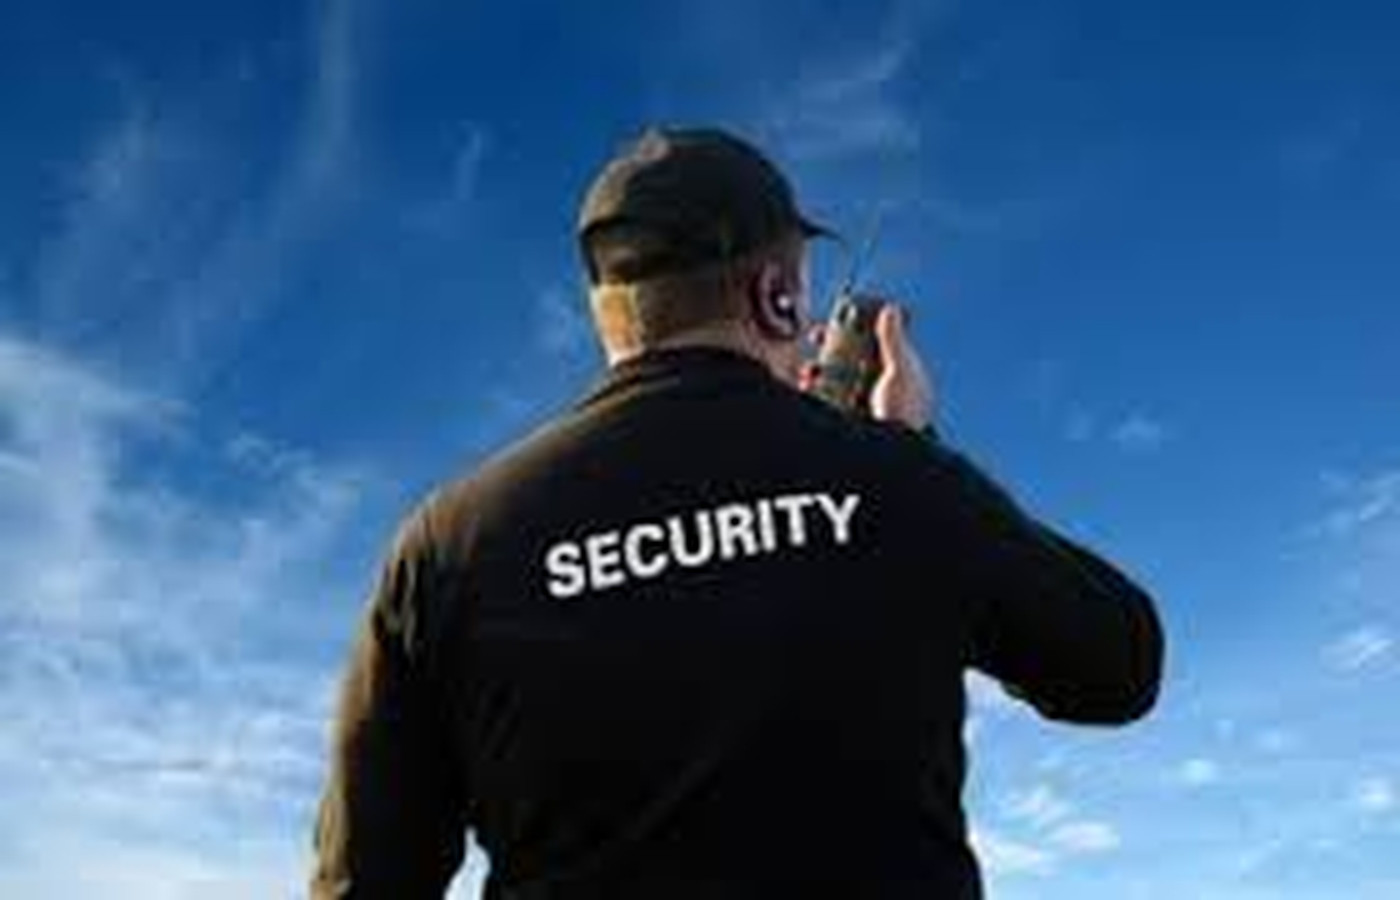 Mes siekiame, jog kiekvienas mūsų klientas saugiai jaustųsi bet kokioje situacijoje.